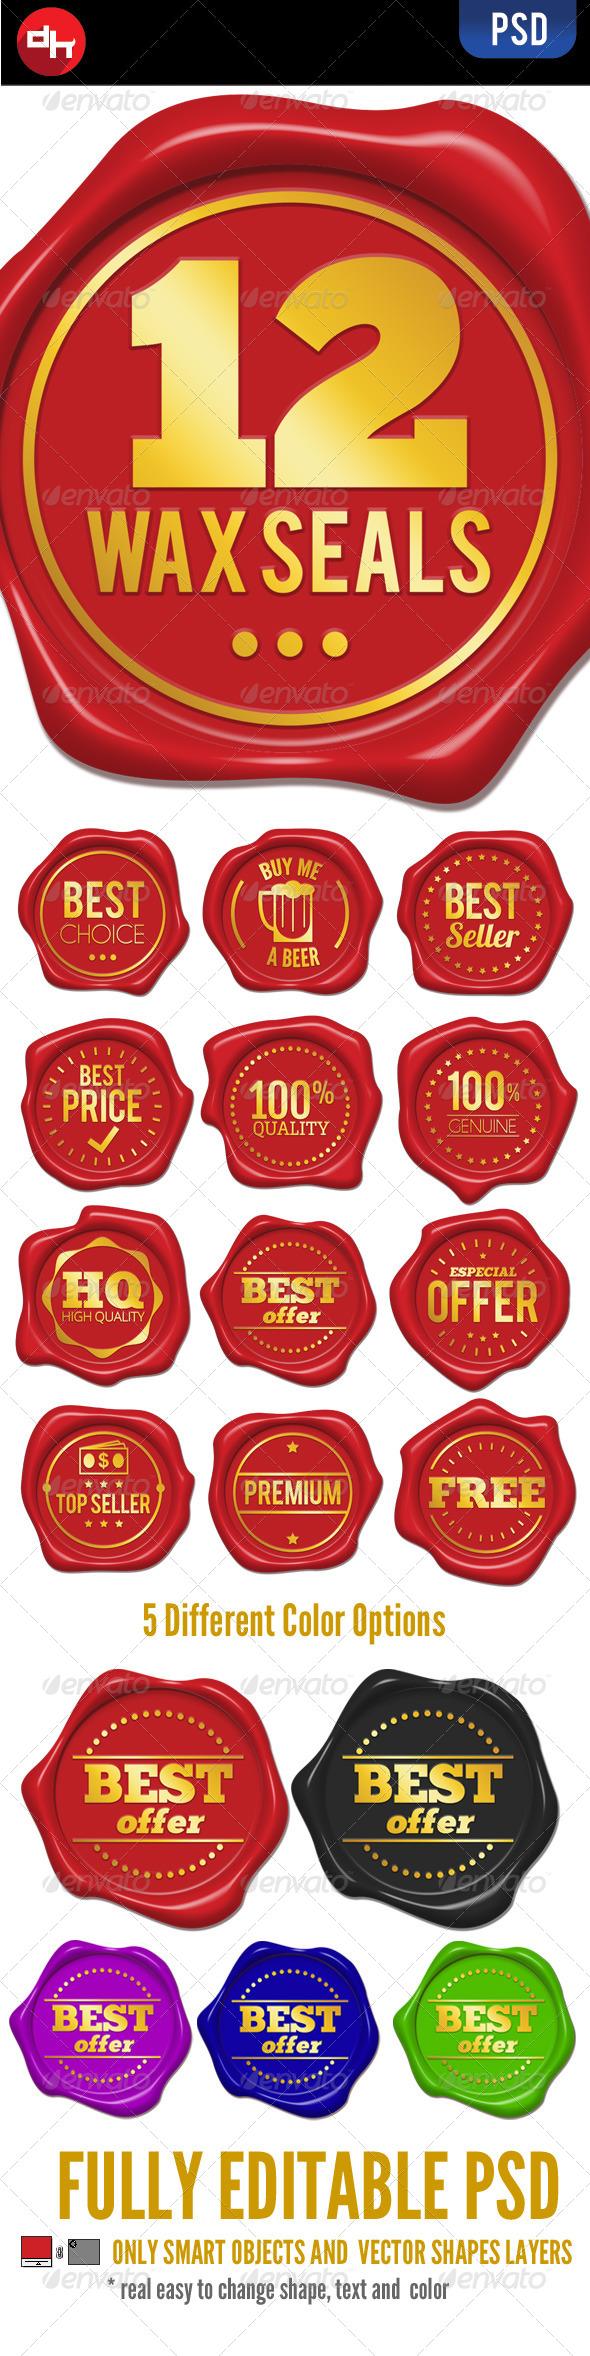 GraphicRiver Wax Seals 6539339